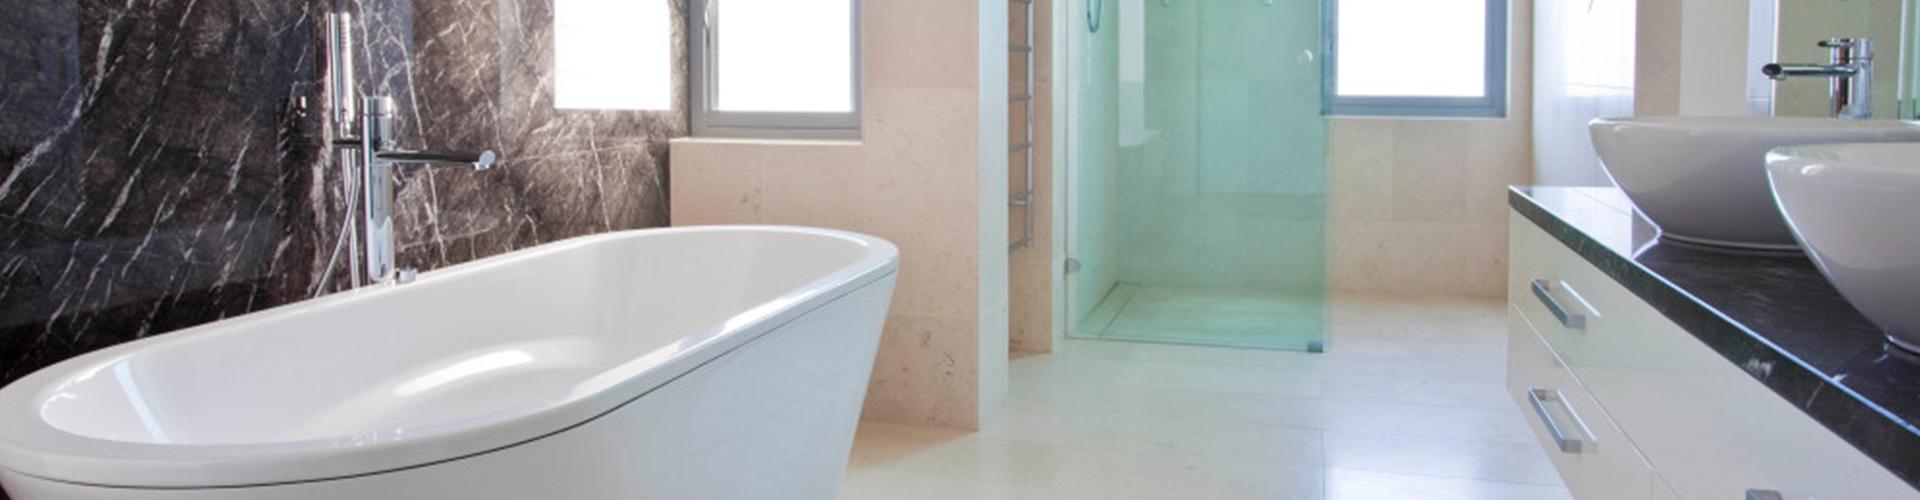 How to Make a Small Bathroom Look Bigger - Service.com.au